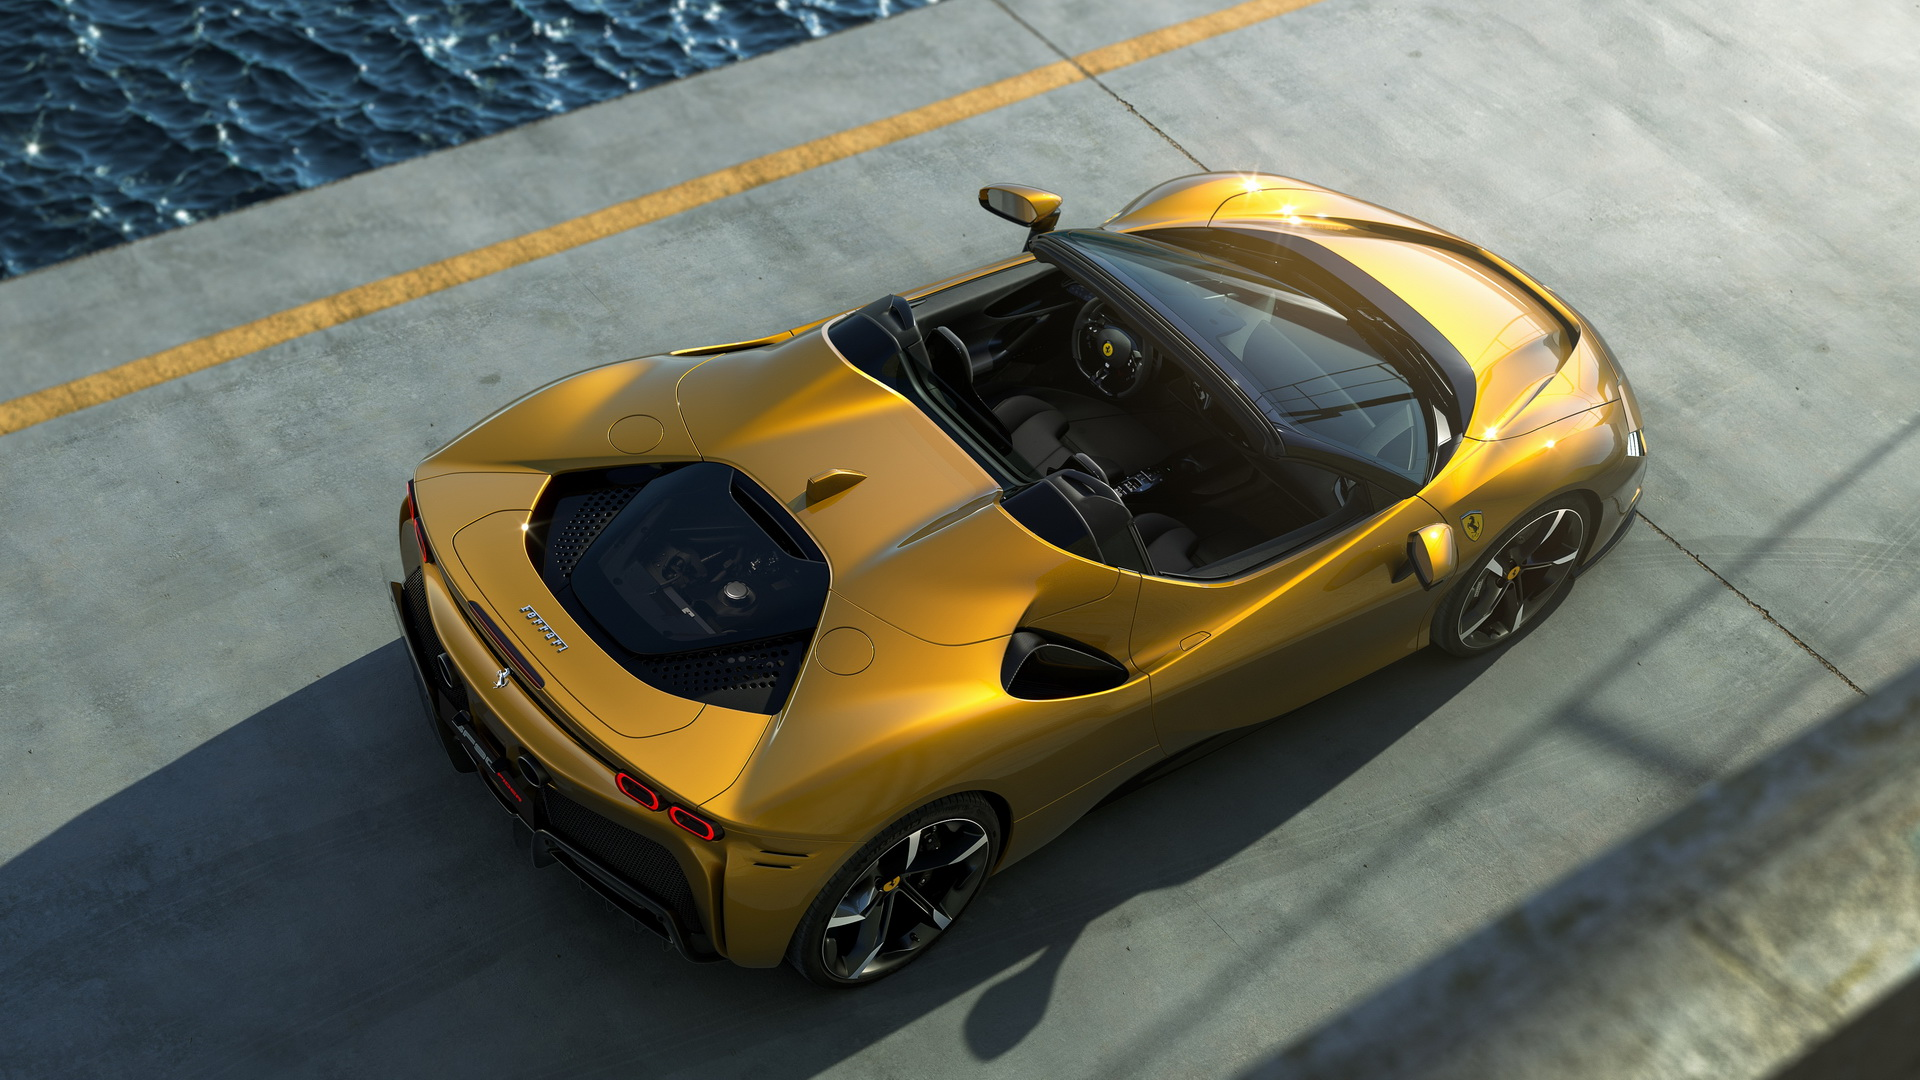 Ferrari giới thiệu SF90 Spider hoàn toàn mới mạnh 986 mã lực